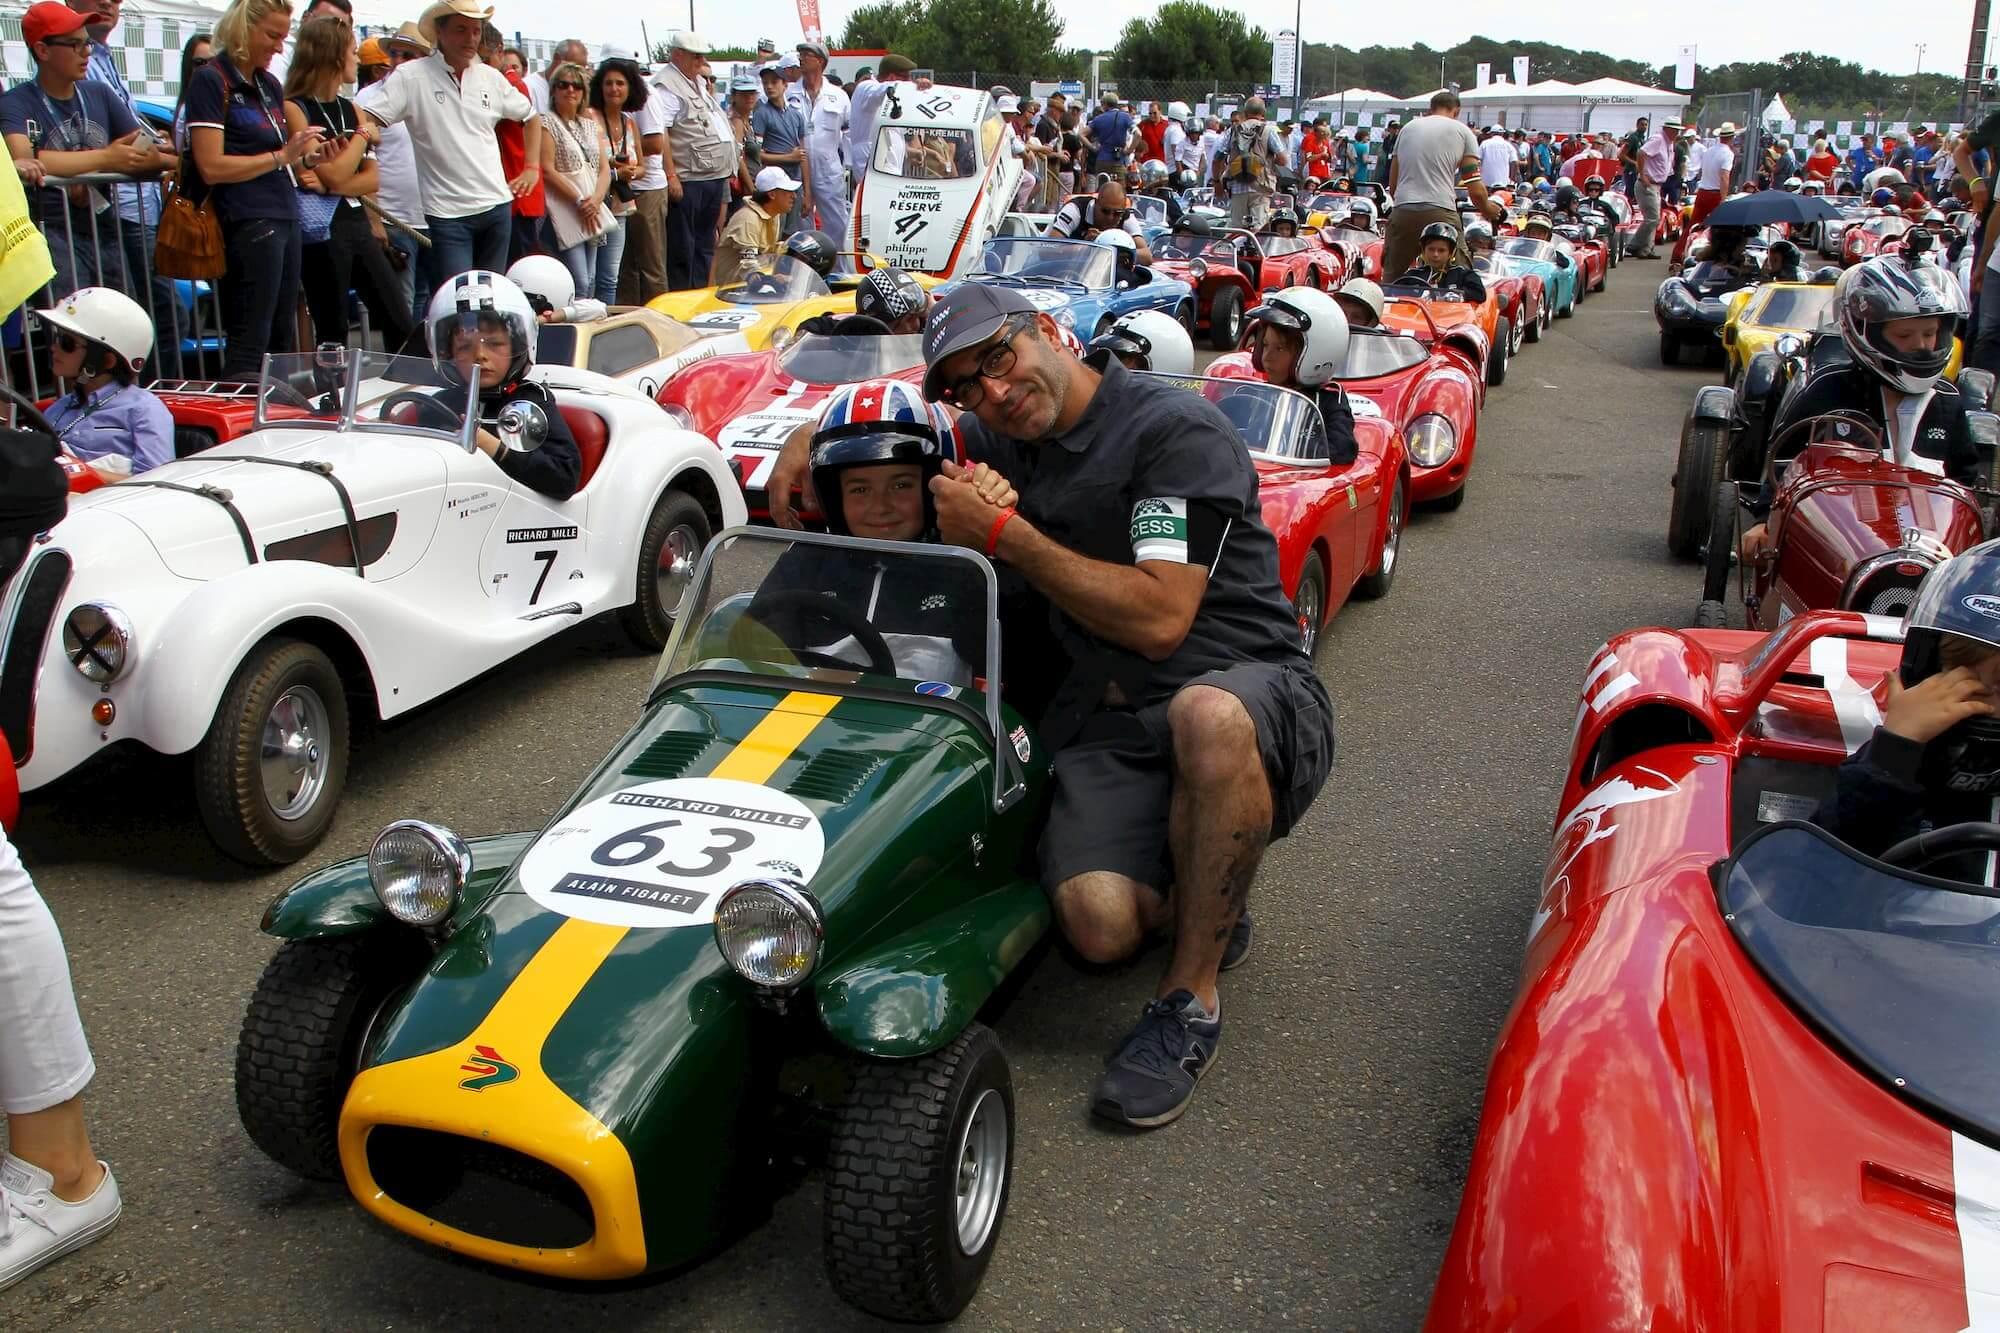 Le Mans Classic 2016 - Little big Mans - Peter Auto - car racing